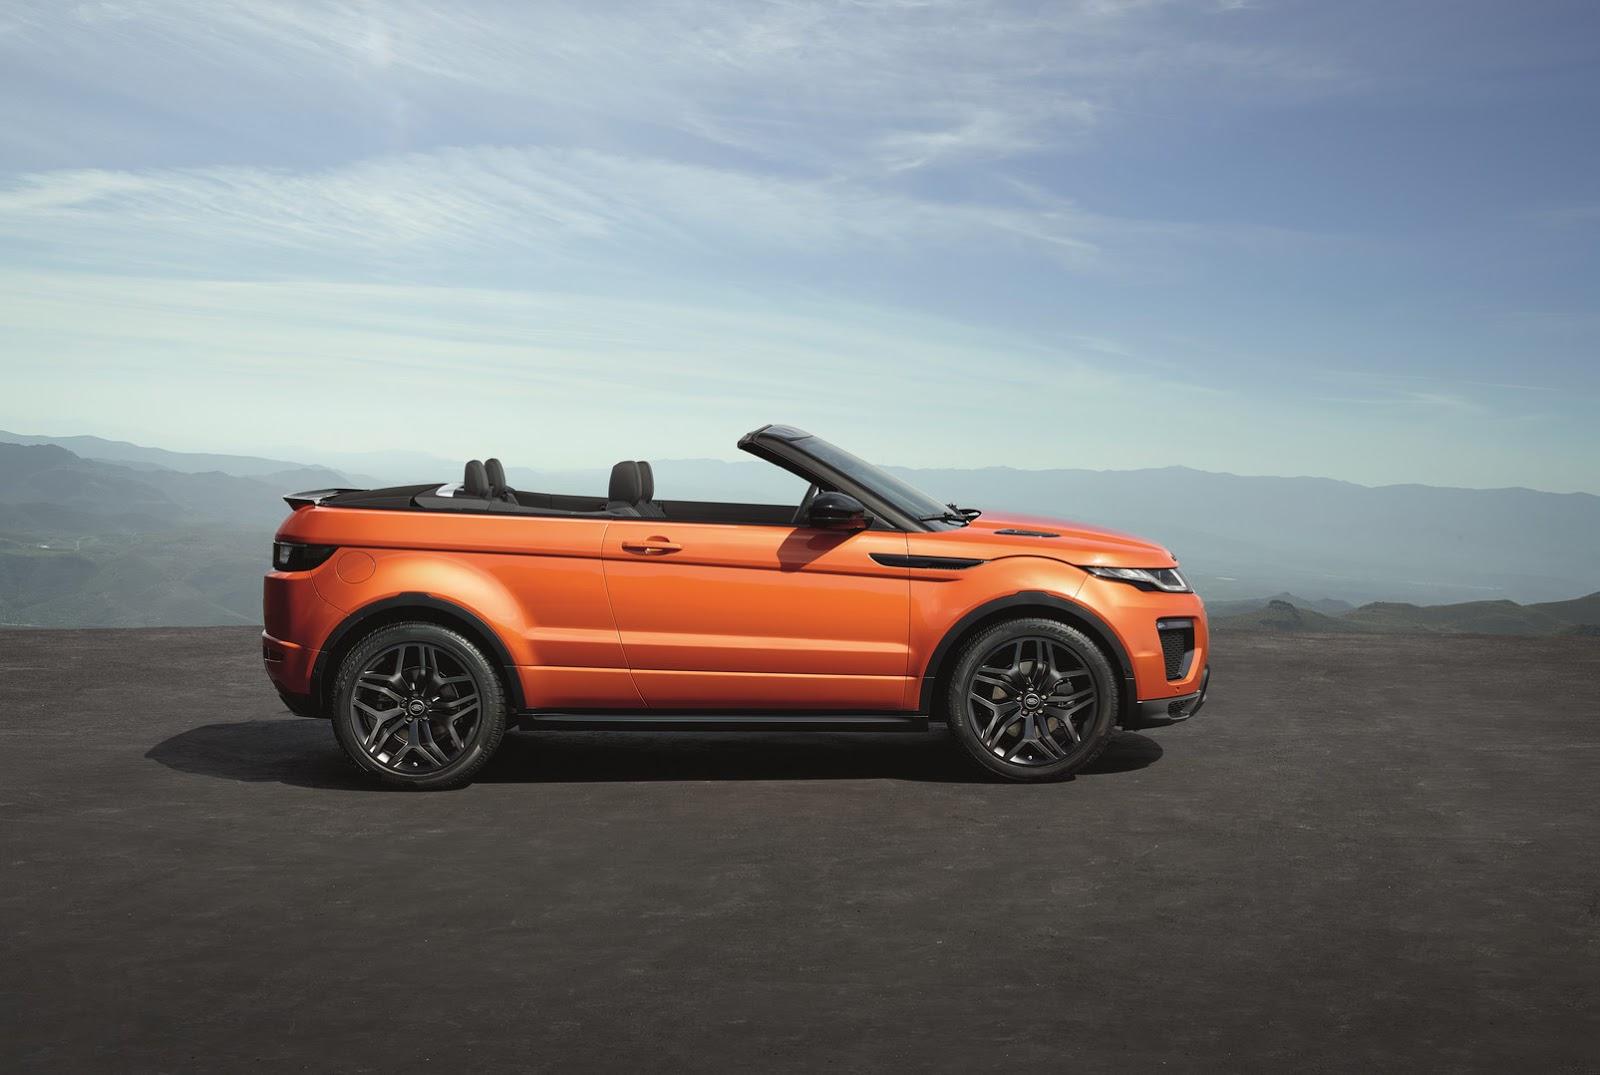 2016 range rover evoque convertible teknik zellikleri ve. Black Bedroom Furniture Sets. Home Design Ideas